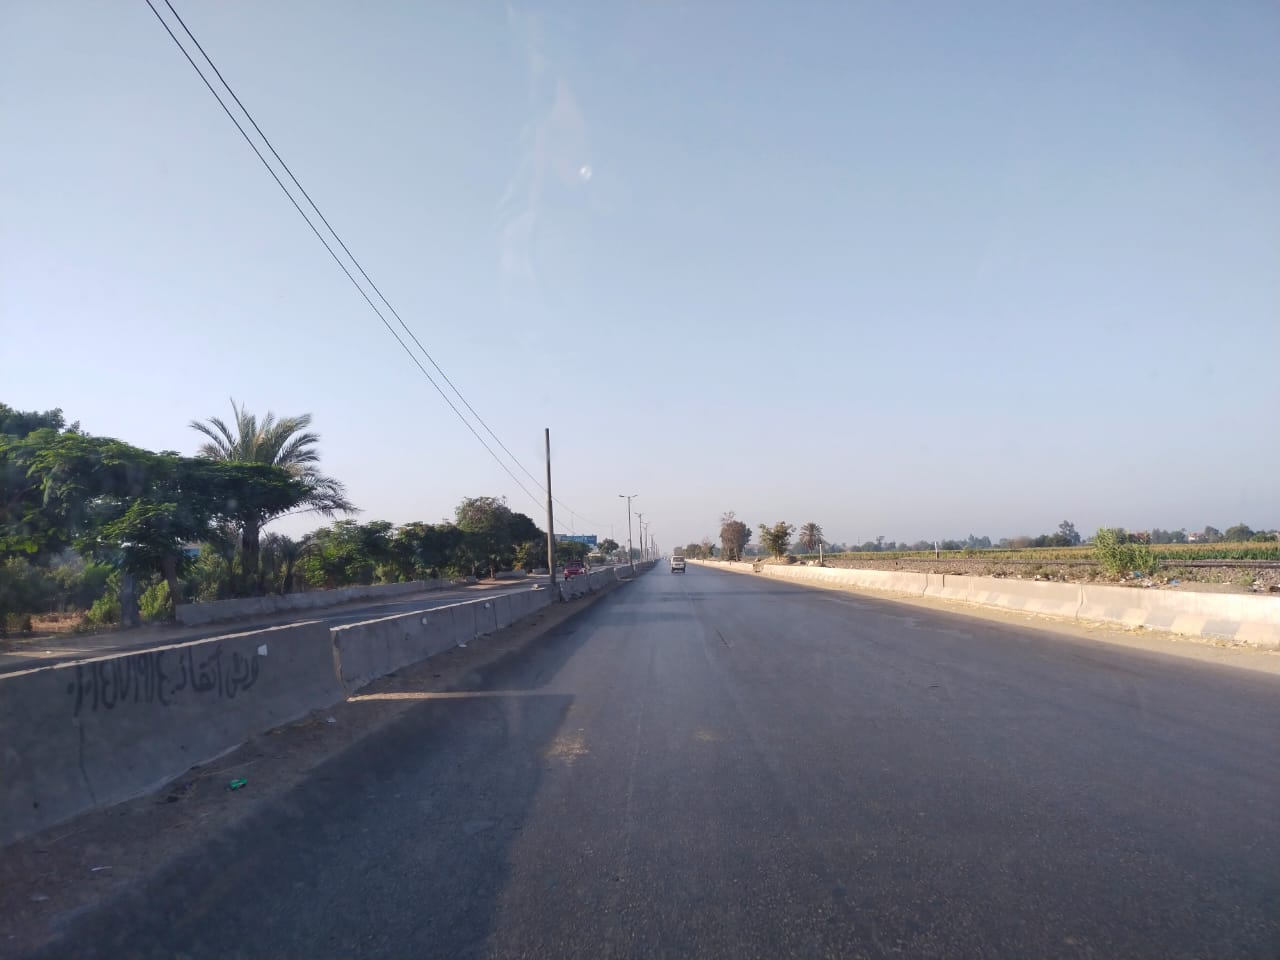 سيولة مرورية بطريق القاهرة الإسكندرية الزراعى (2)